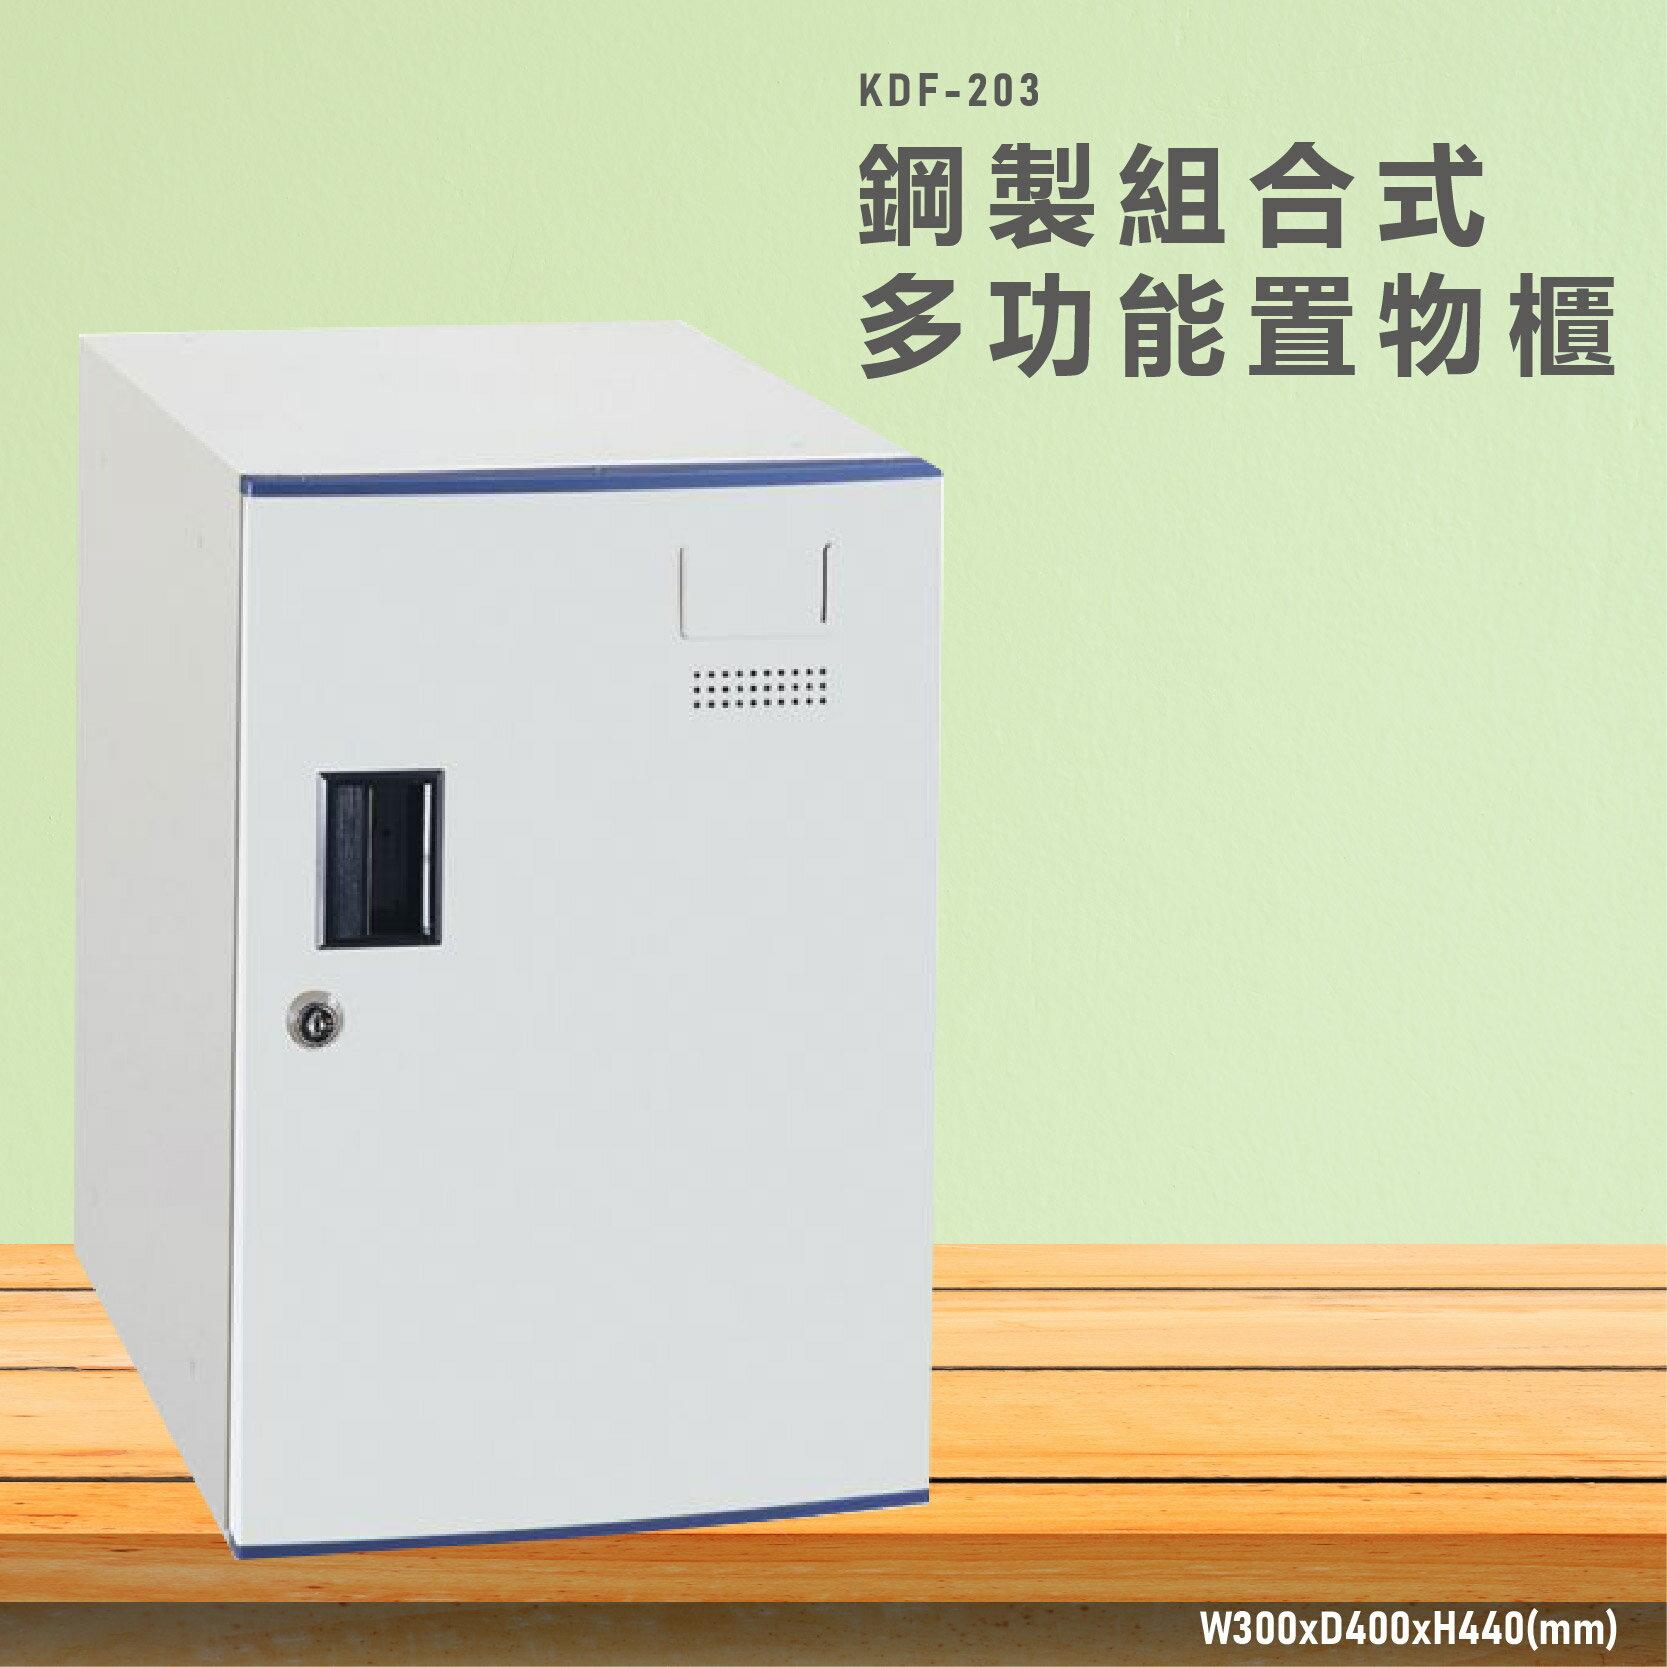 熱銷款➤大富鑰匙櫃 KDF-203 多用途鋼製組合式置物櫃 可換購密碼鎖 (宿舍/員工/鞋櫃/衣櫃/更衣櫃/收納櫃)